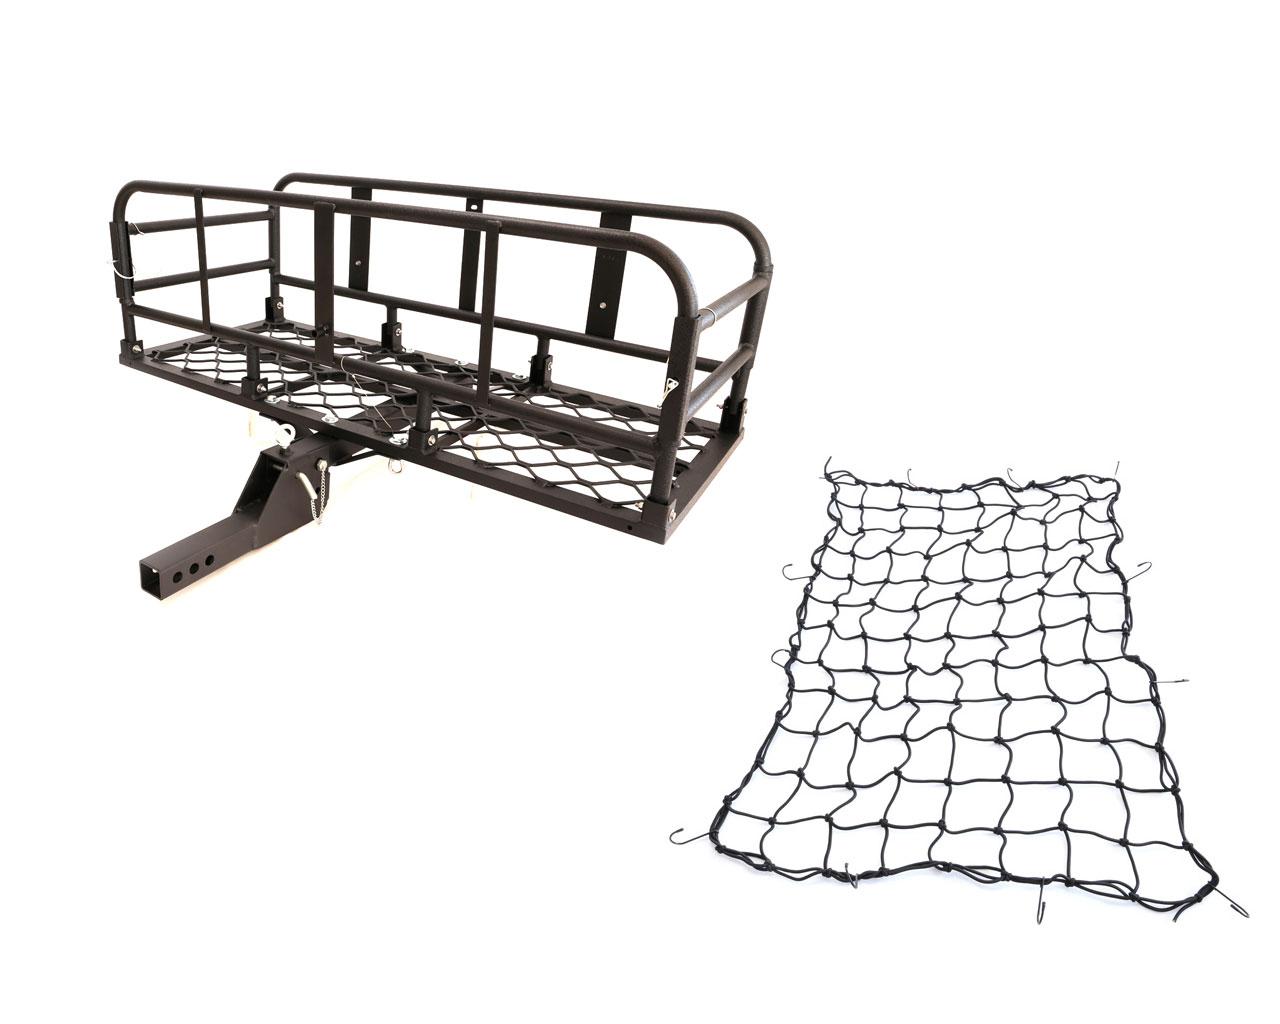 アルミ製 ブラック 折り畳み式ヒッチキャリアカーゴネット付き 軽量 C05 1200x500 組立 動画あり